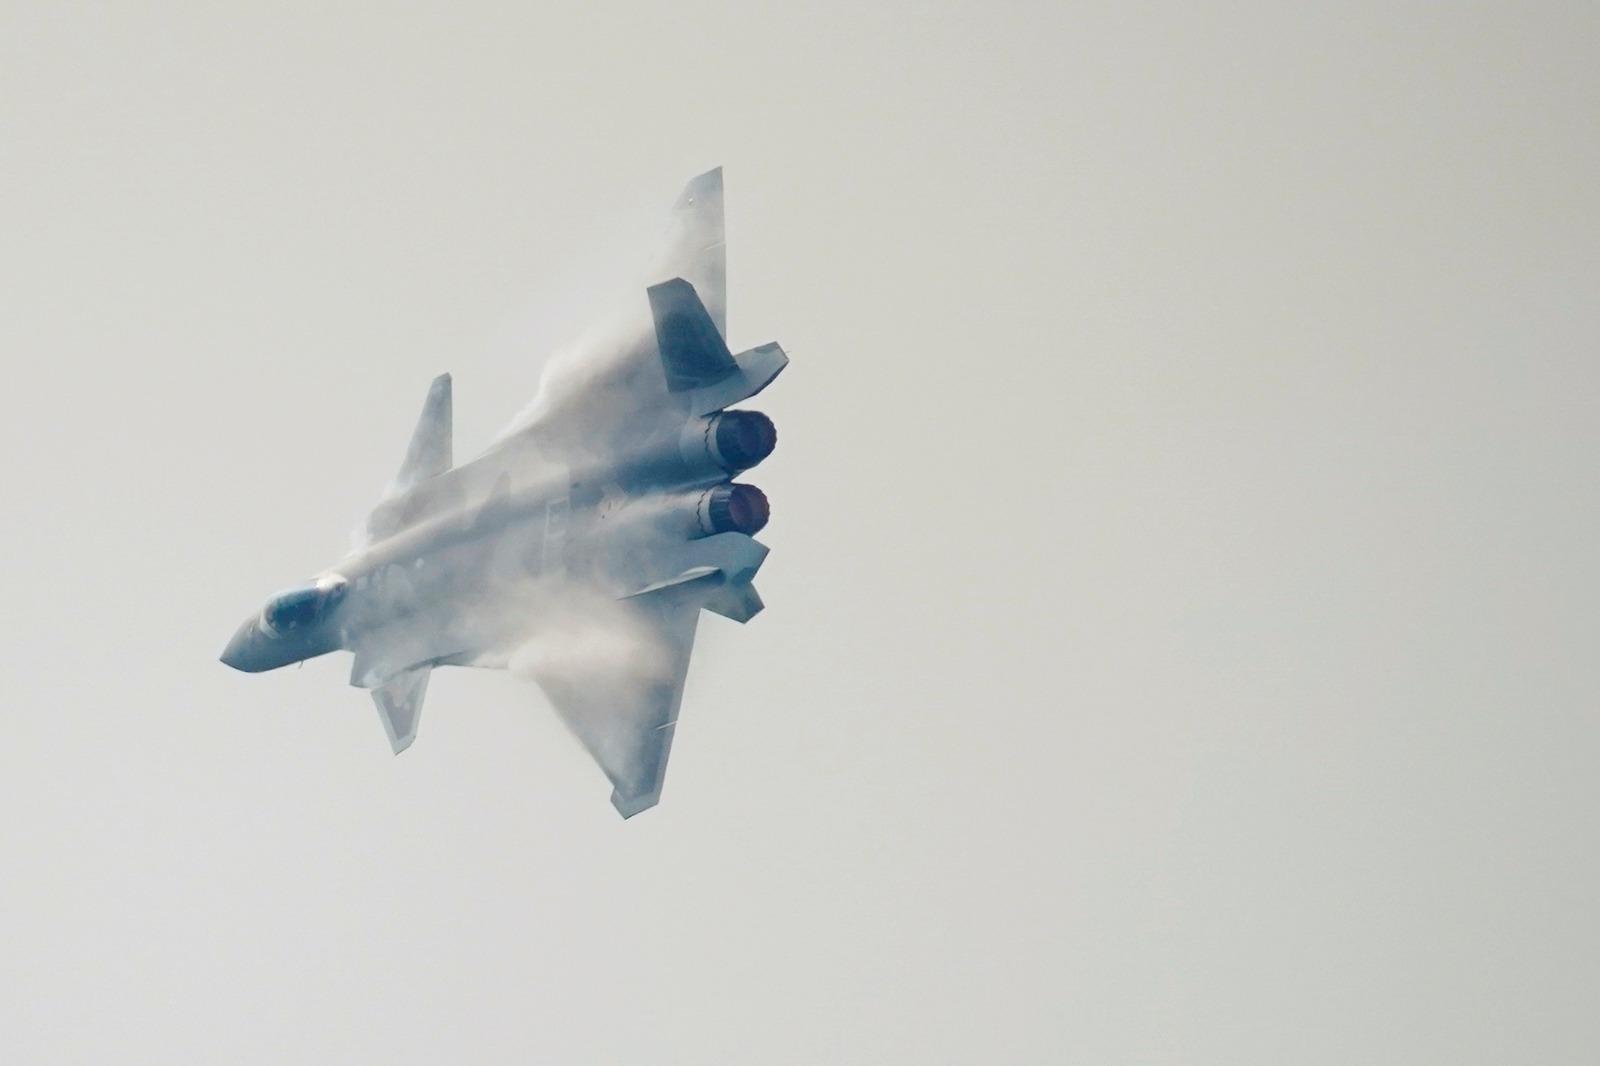 מתיחות במזרח הרחוק: מטוסי קרב סיניים בשמי טיוואן